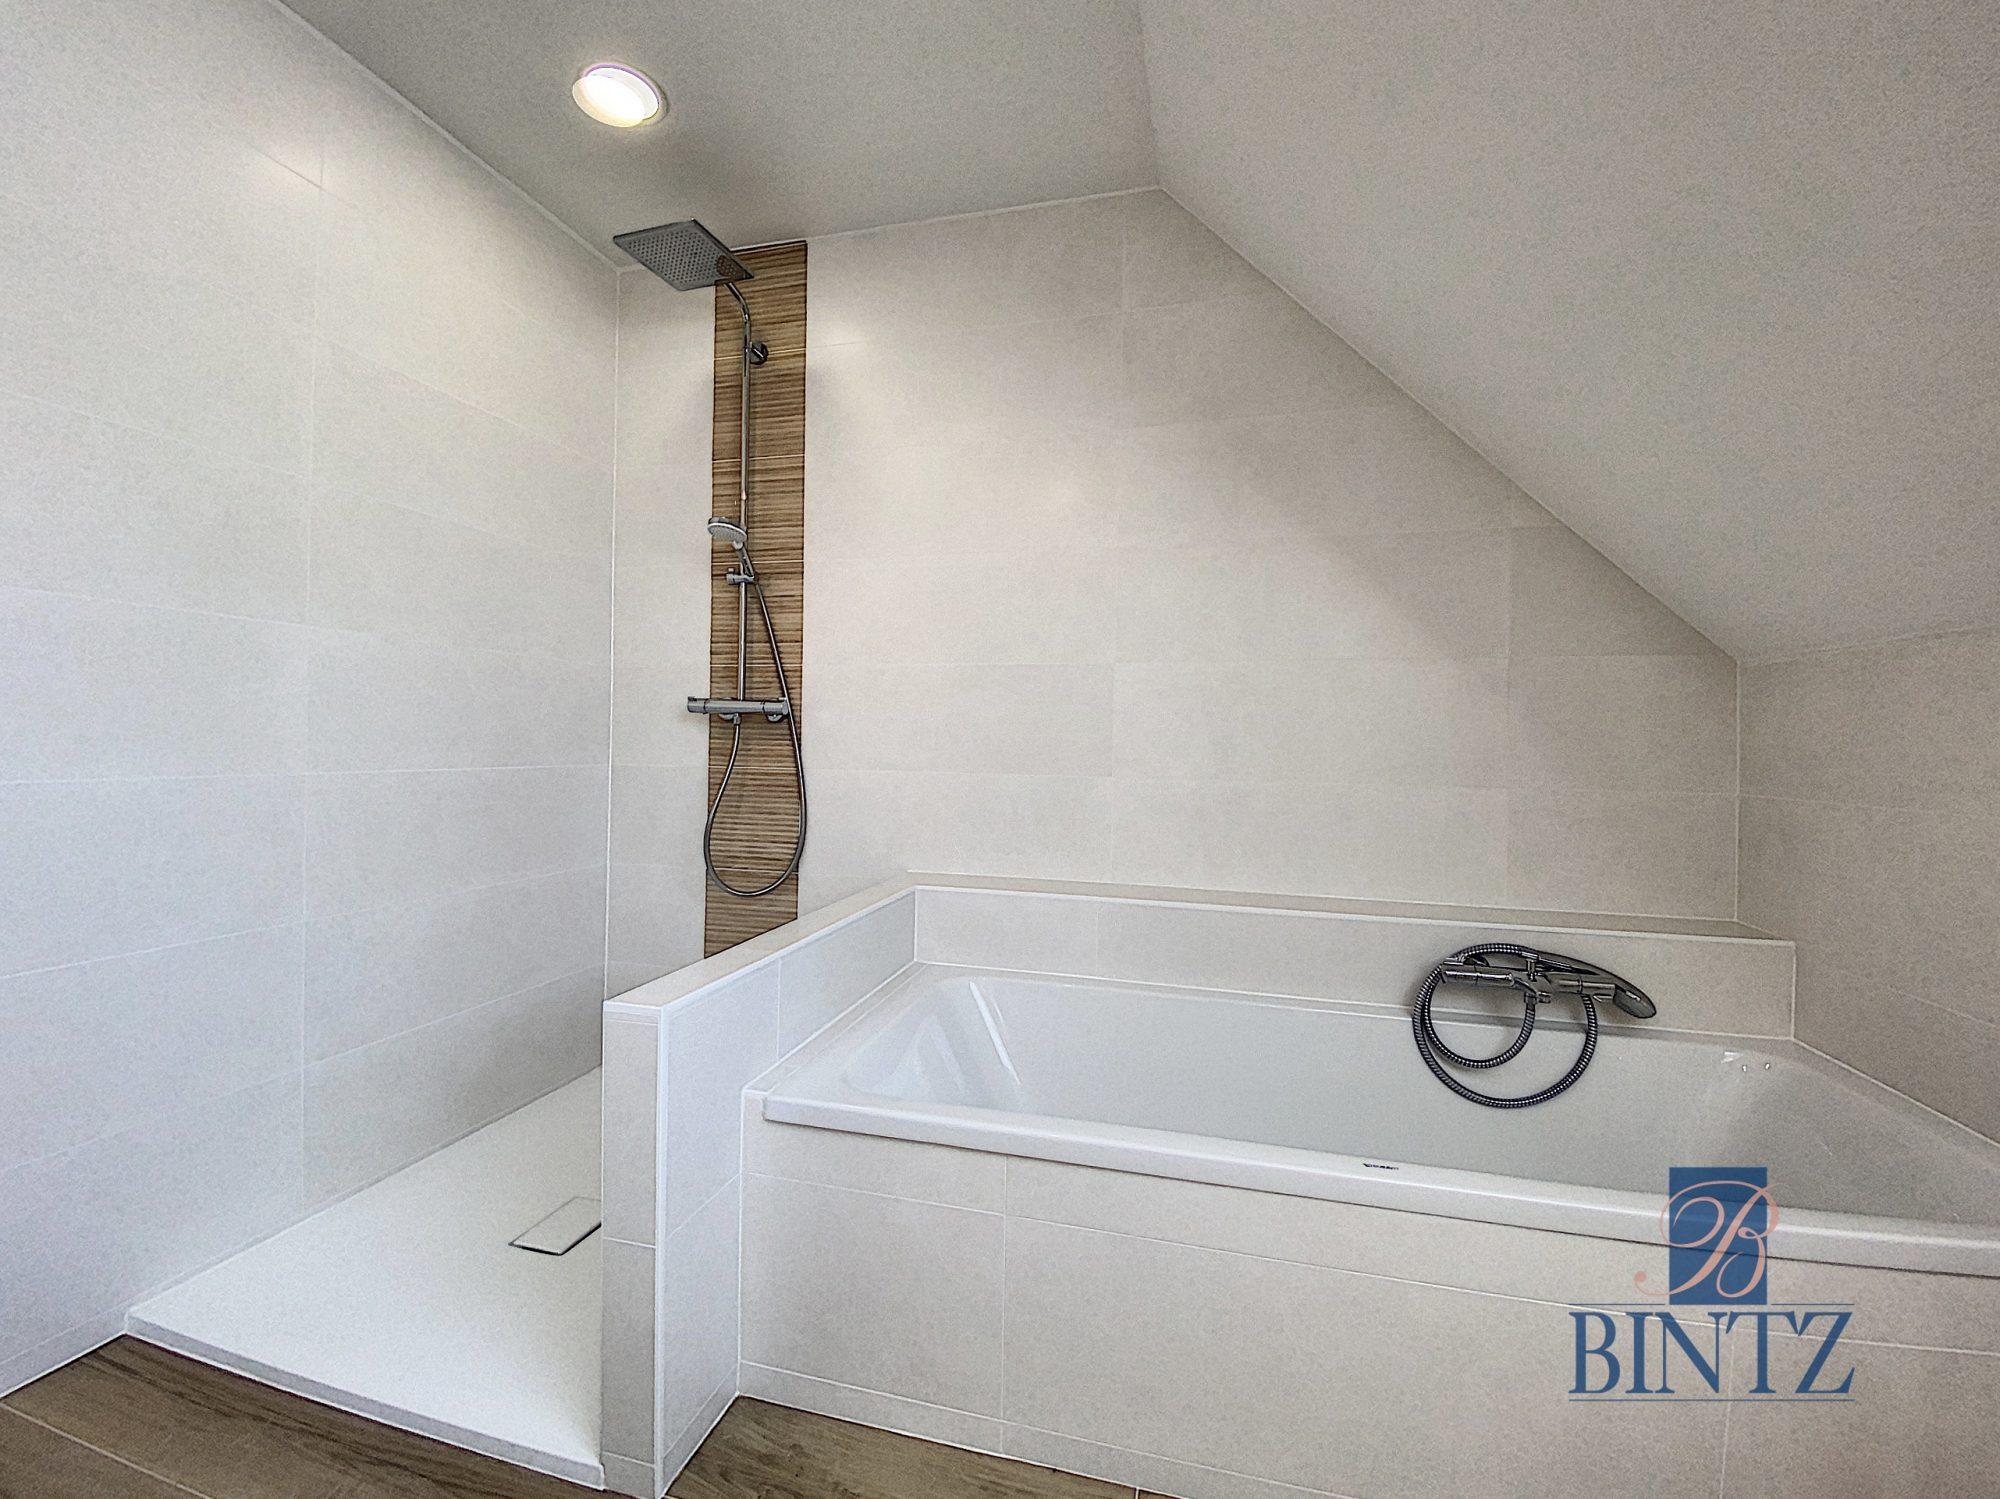 MAISON A LOUER ROBERTSAU - Devenez locataire en toute sérénité - Bintz Immobilier - 9